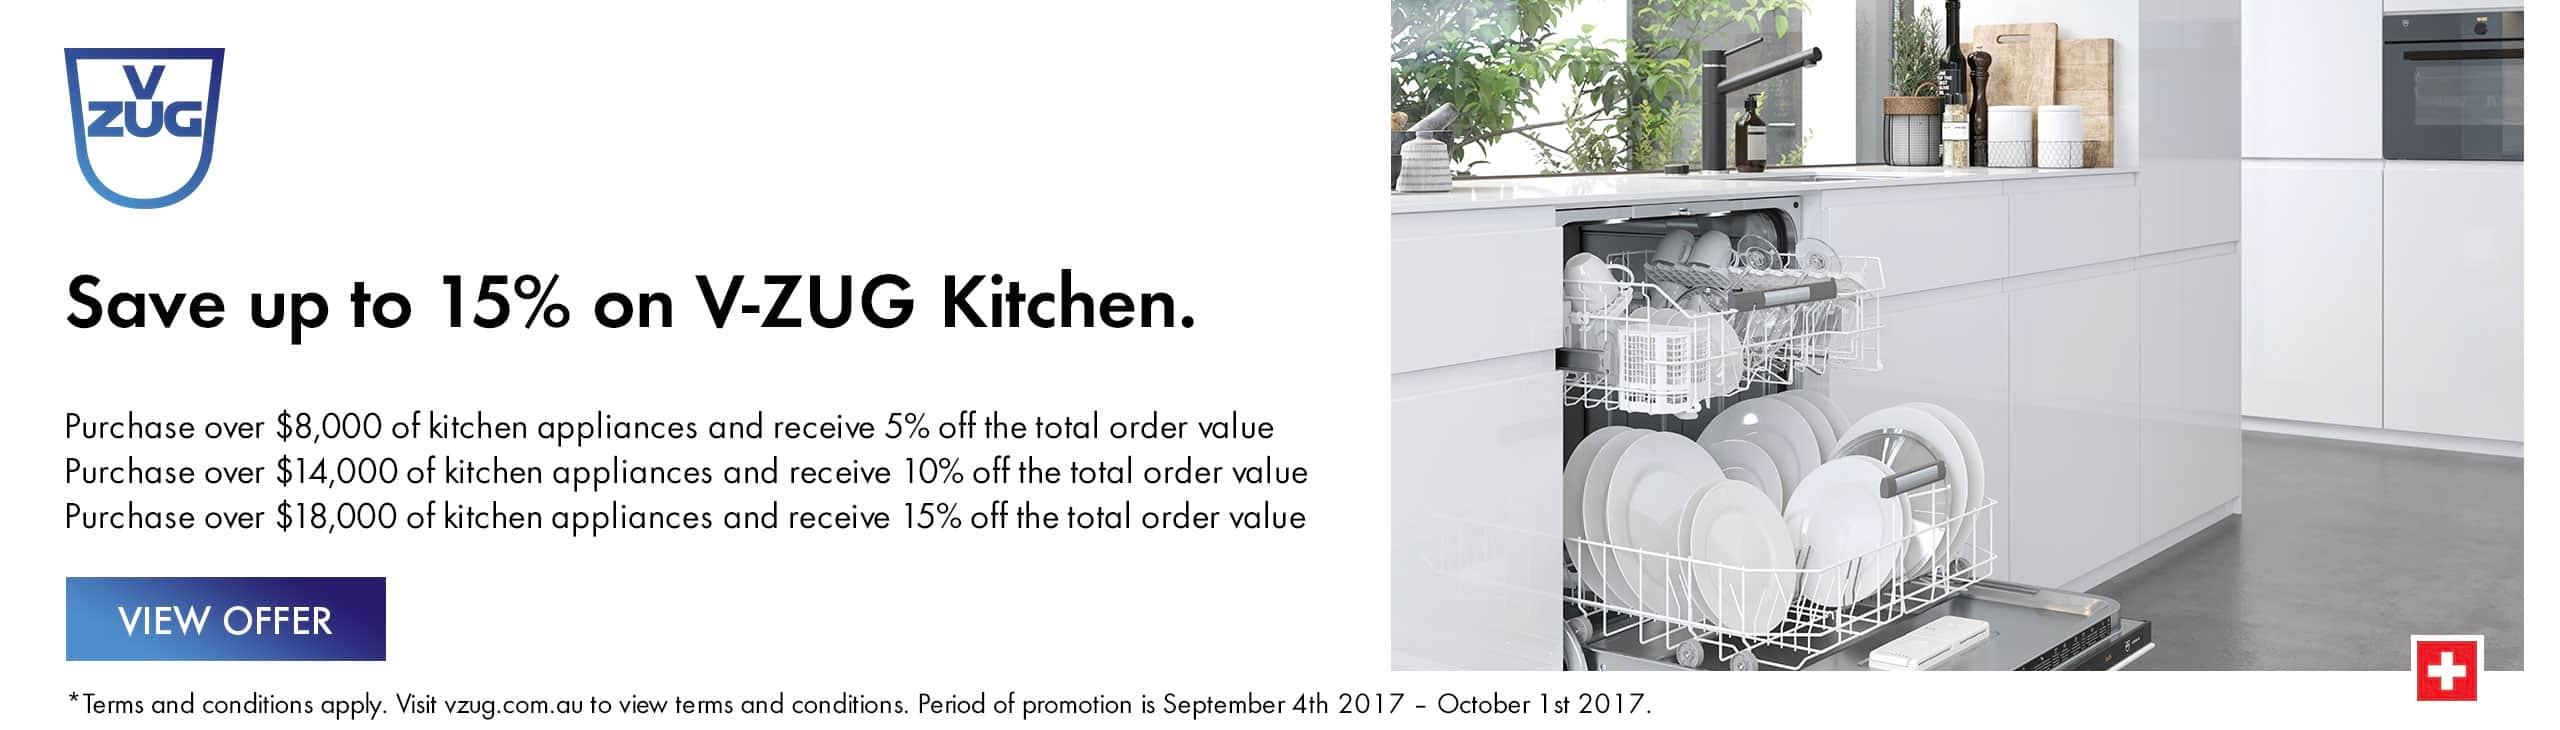 VZUG Sept'17 Promotion